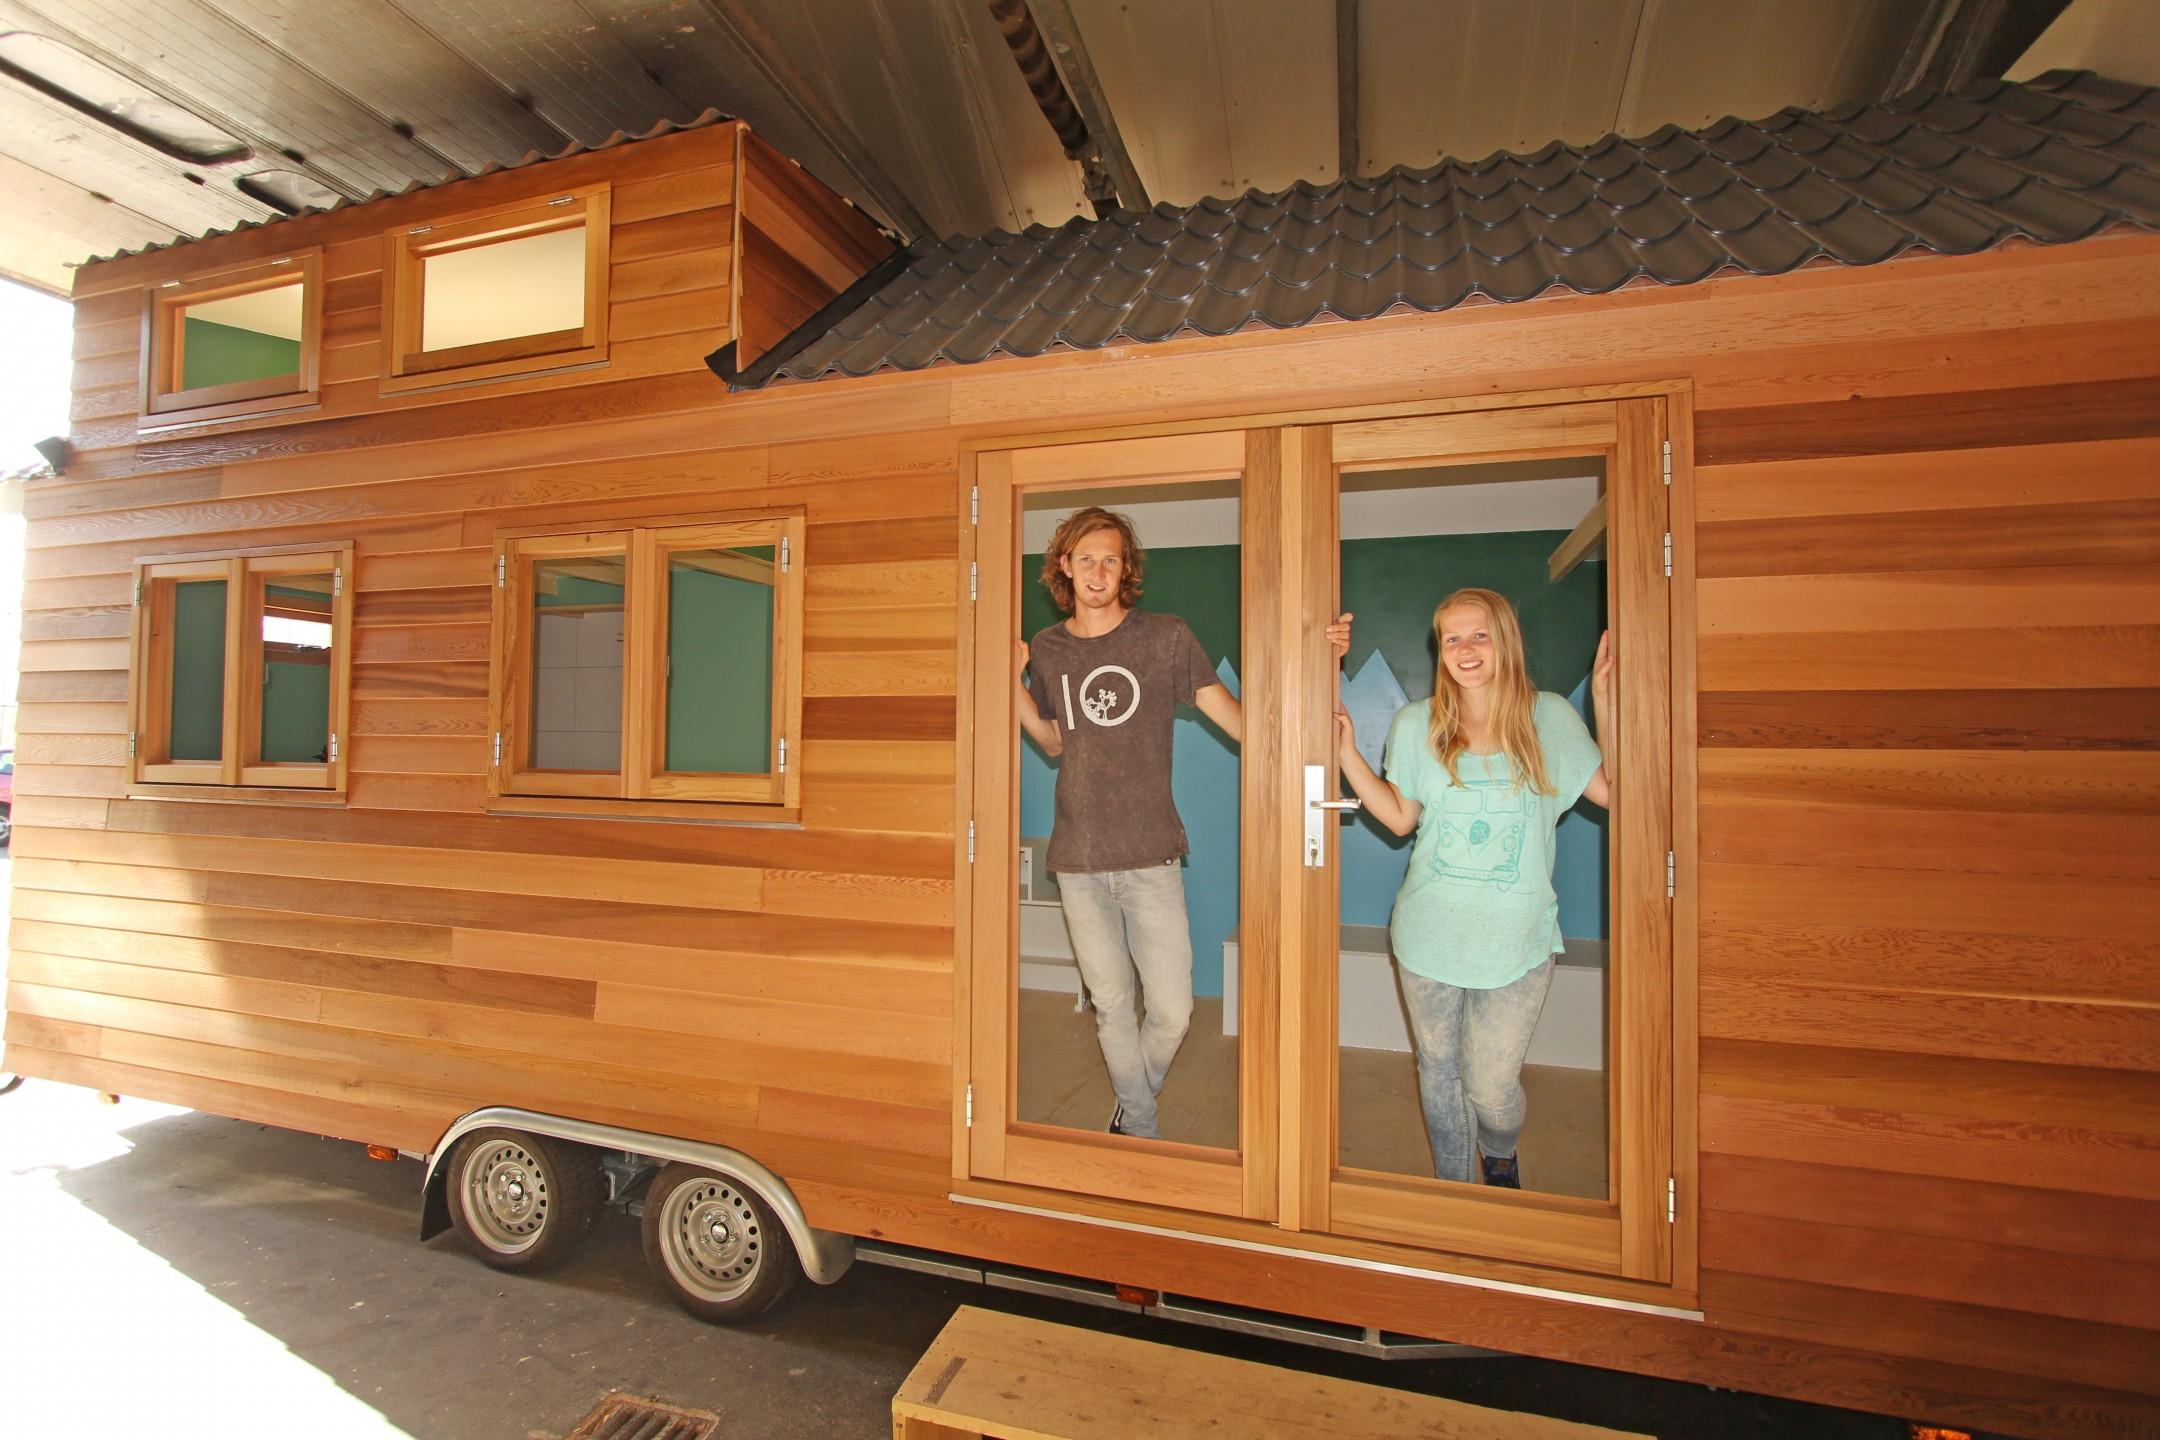 Zelfvoorzienend leven in een minihuisje oneworld for Tiny house movement nederland